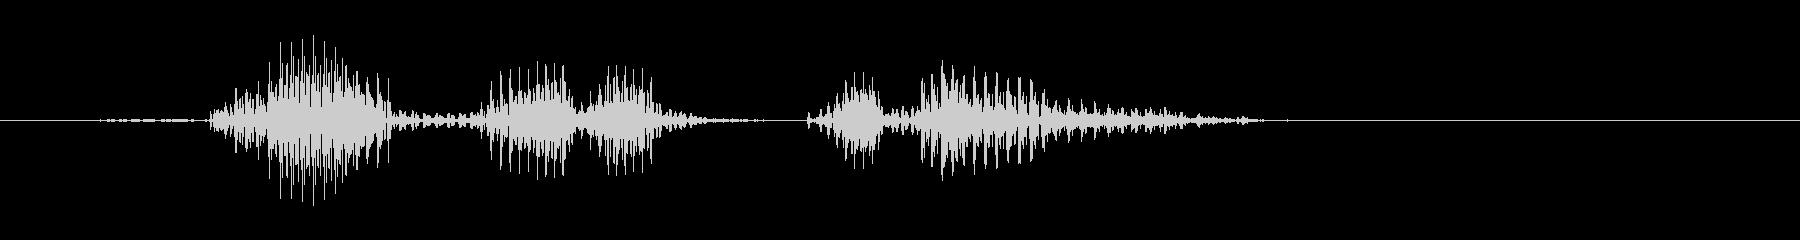 ダブルプレーの未再生の波形